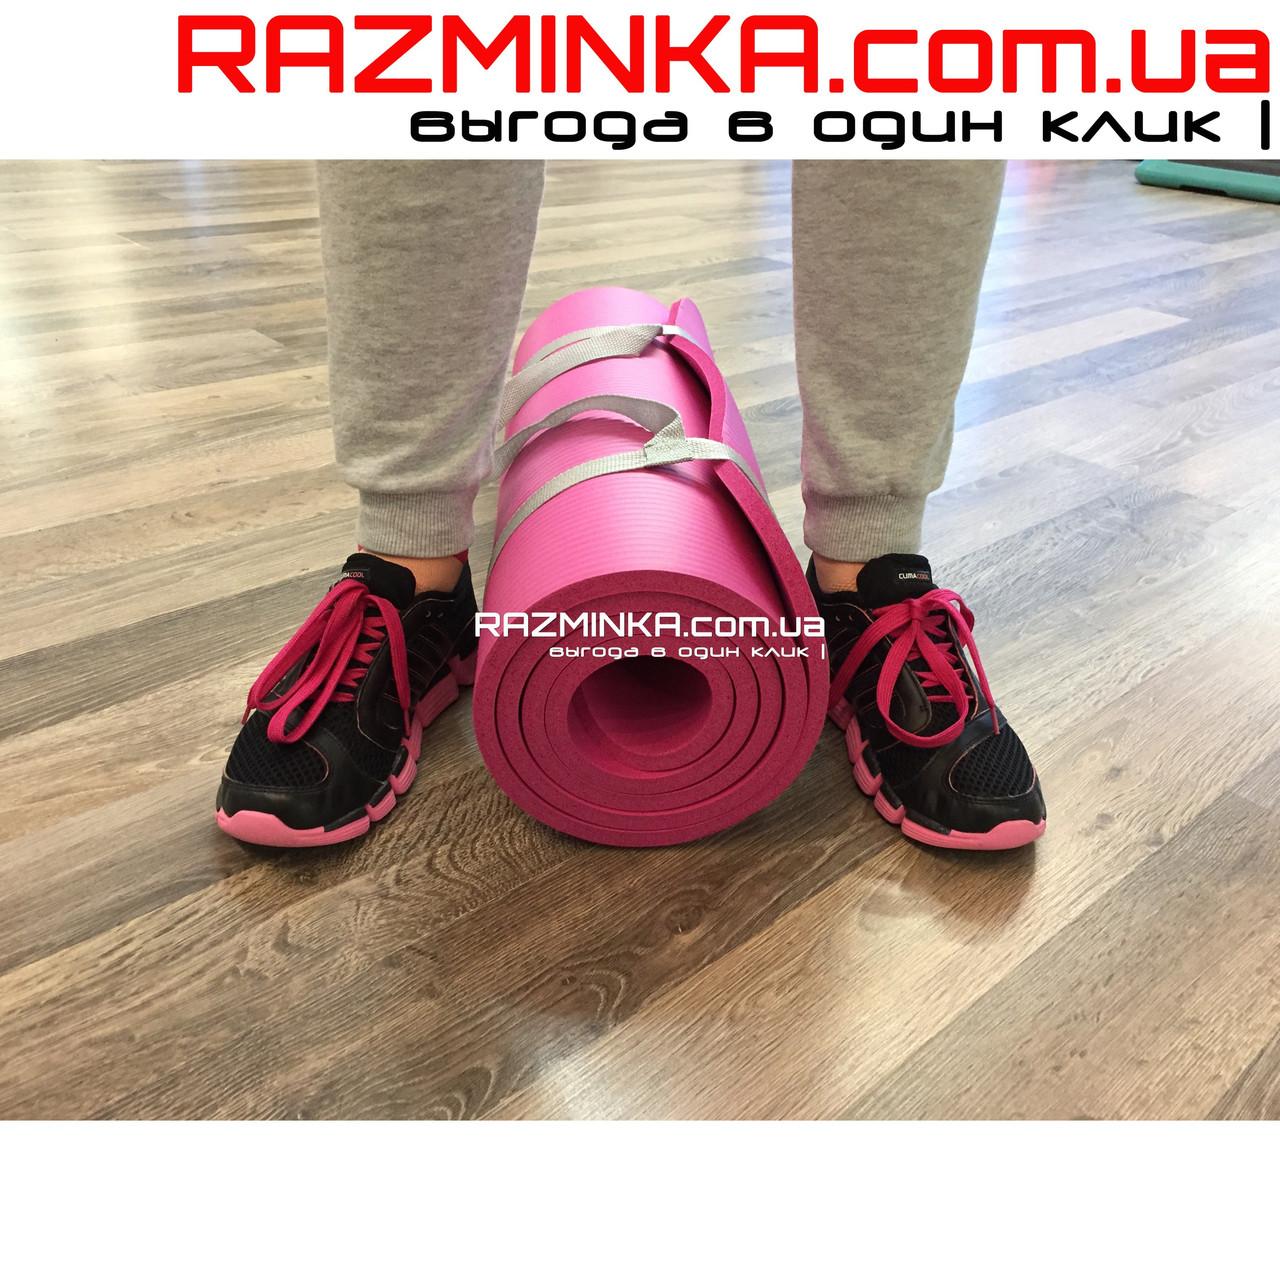 Каучуковый коврик для фитнеса NBR 180х60см, толщина 12мм, розовый